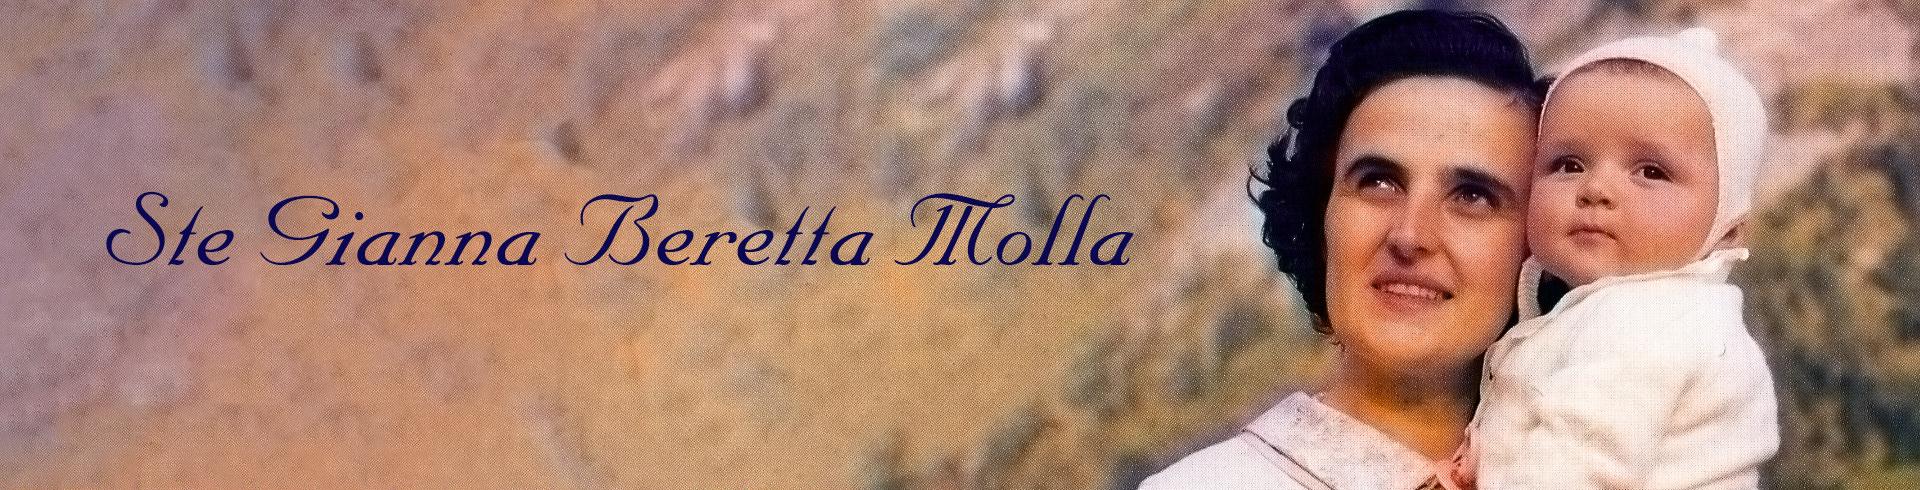 St. Gianna Molla